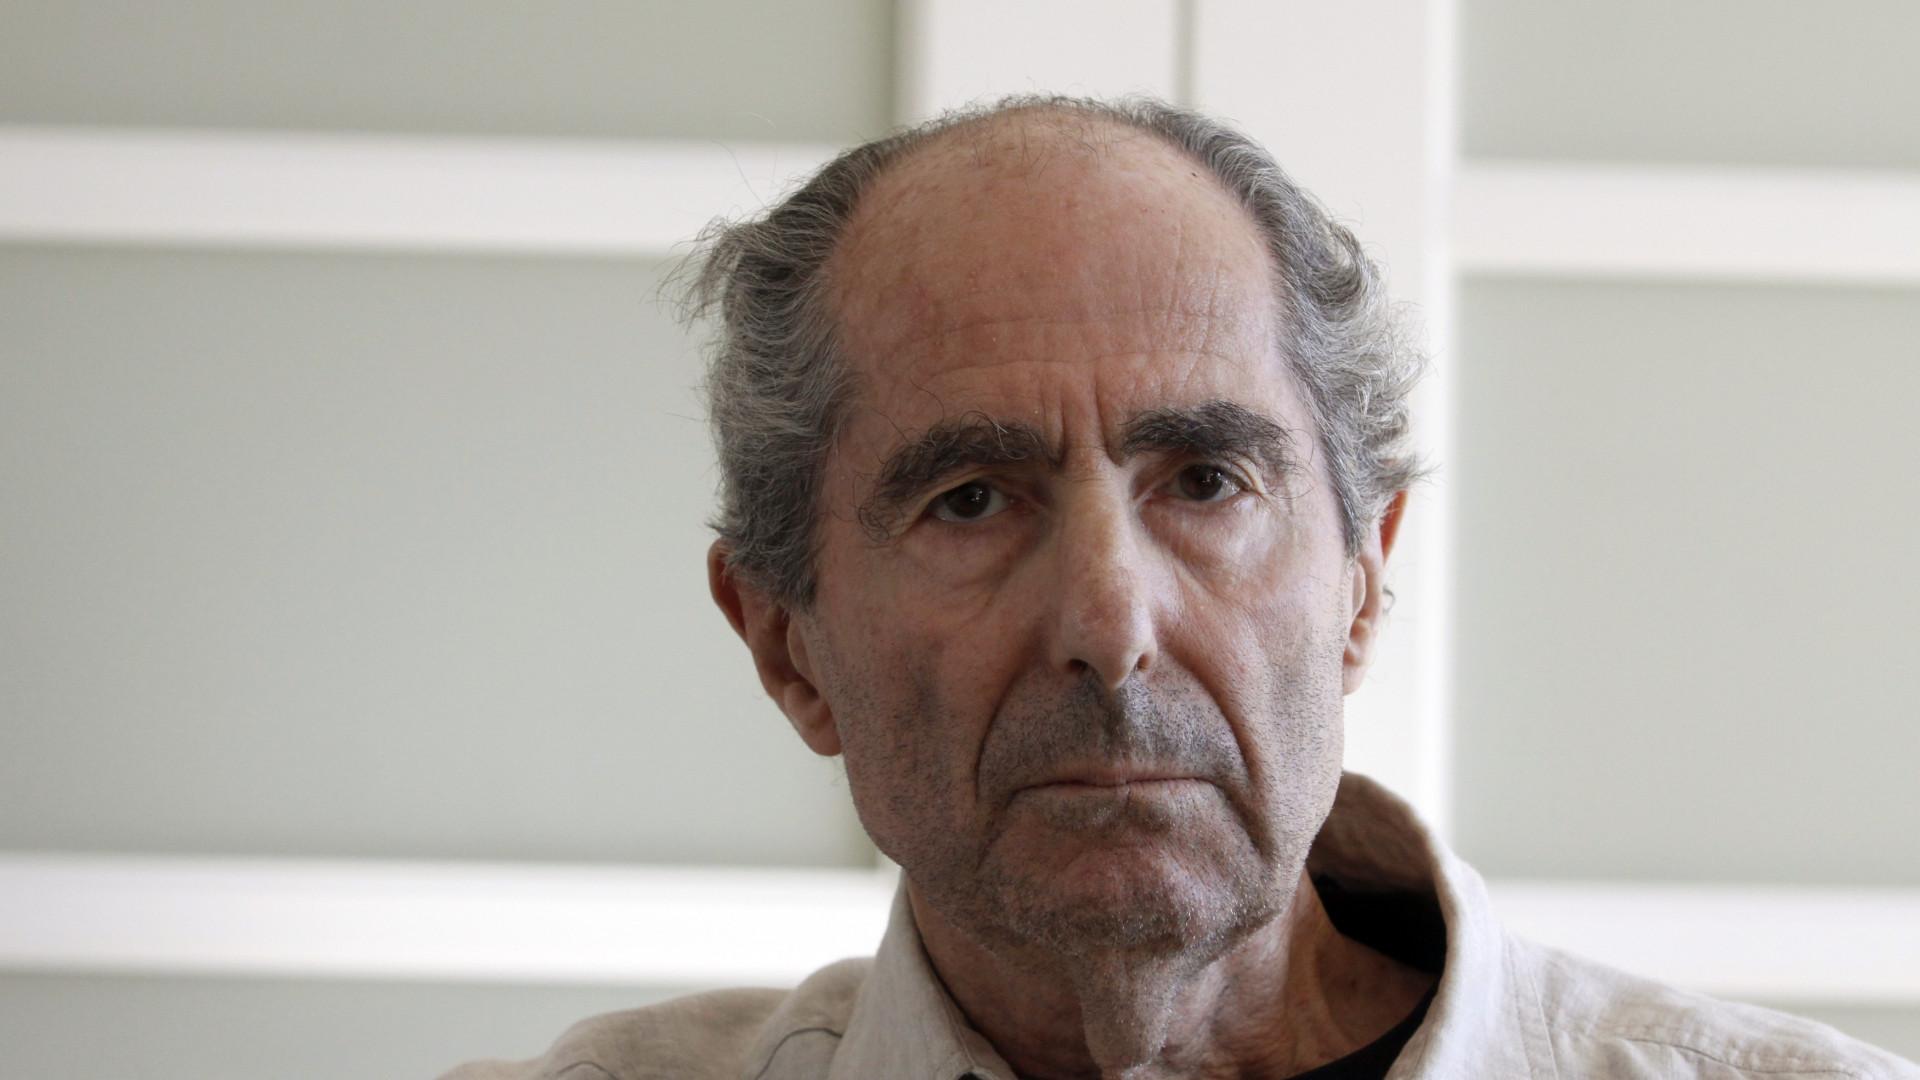 Morreu o escritor norte-americano Philip Roth. Tinha 85 anos